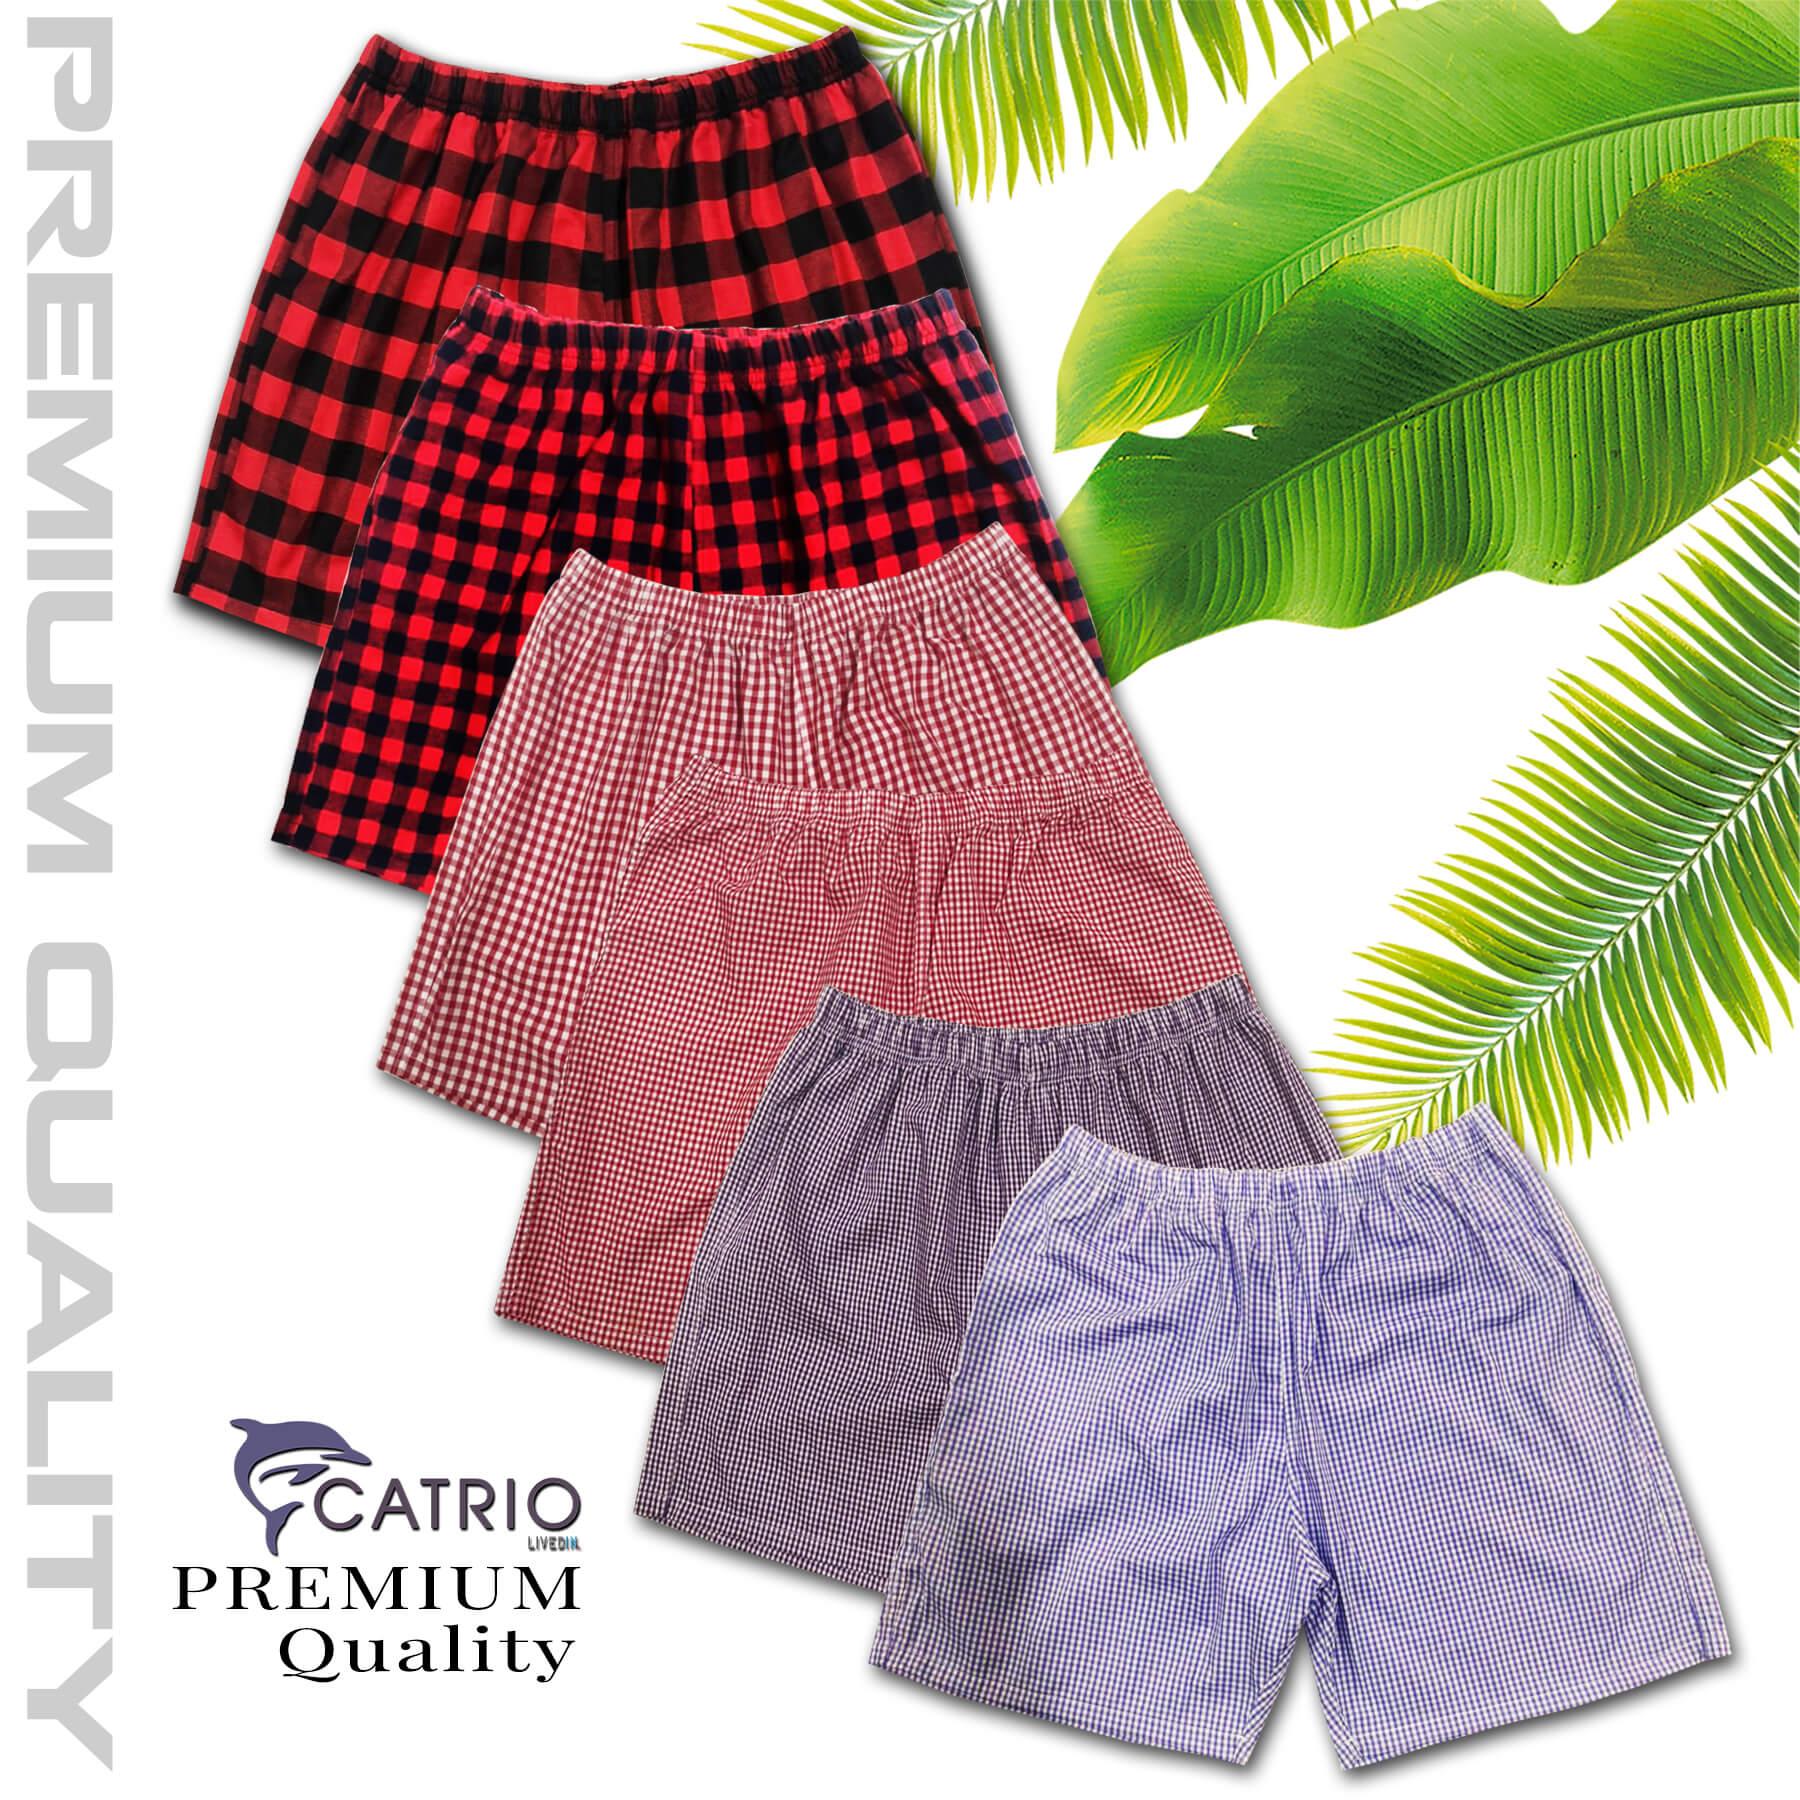 QUẦN ĐÙI NAM CATRIO MÀU 24 cho các bé lớn, nam trung niên, cao tuổi có cân nặng từ 40kg đến 83kg là quần short nam bé trai size đại, được làm từ vải may áo sơ mi thuộc BST quần short áo phông mùa hè CATRIO 2021